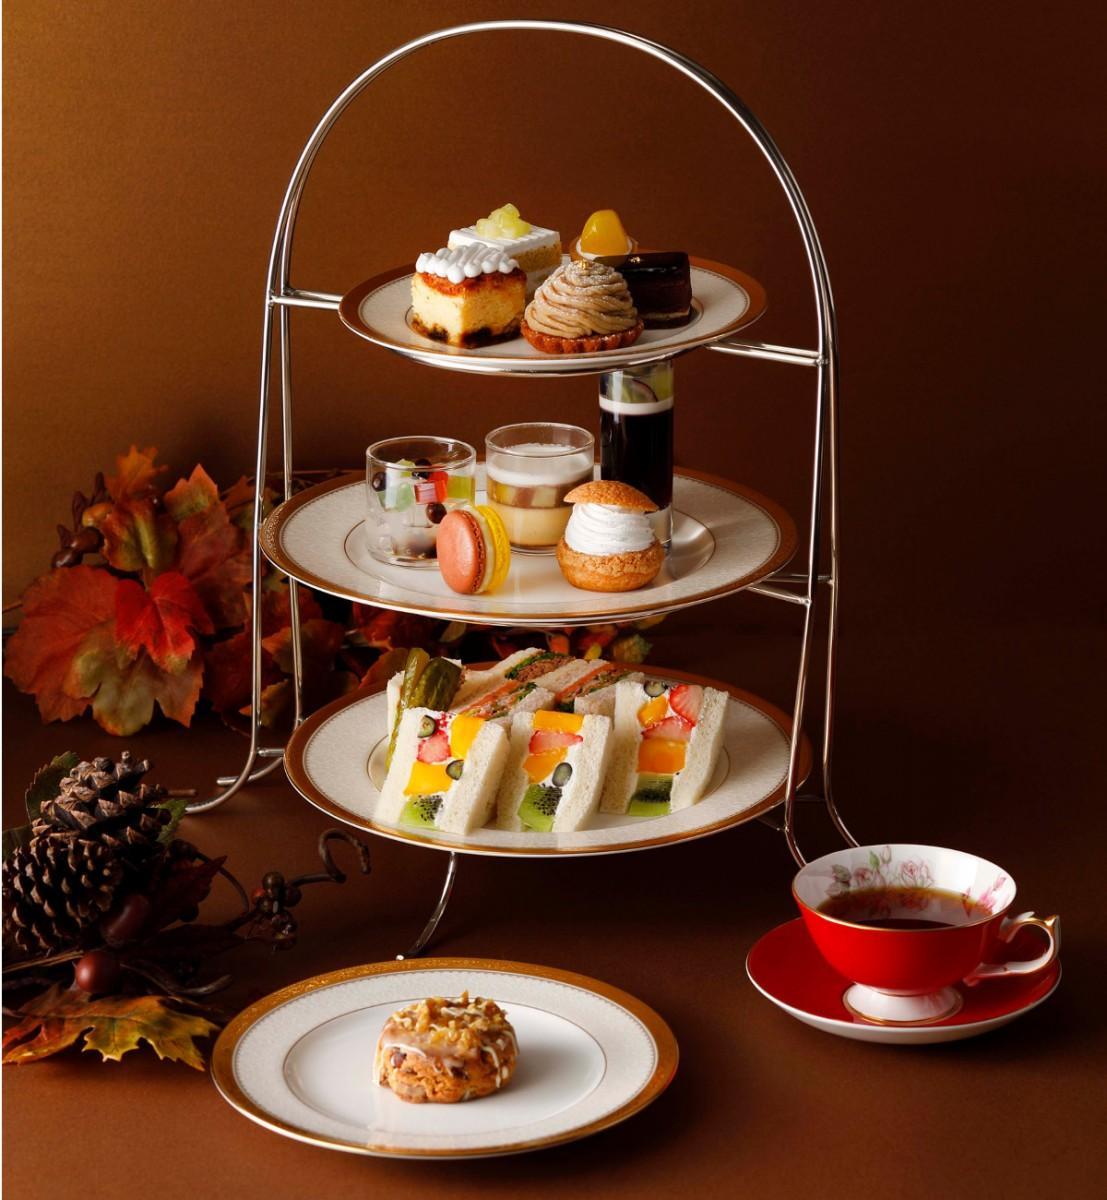 「アフタヌーンティーセット~秋~」のティーポットで提供する紅茶はお代わり自由